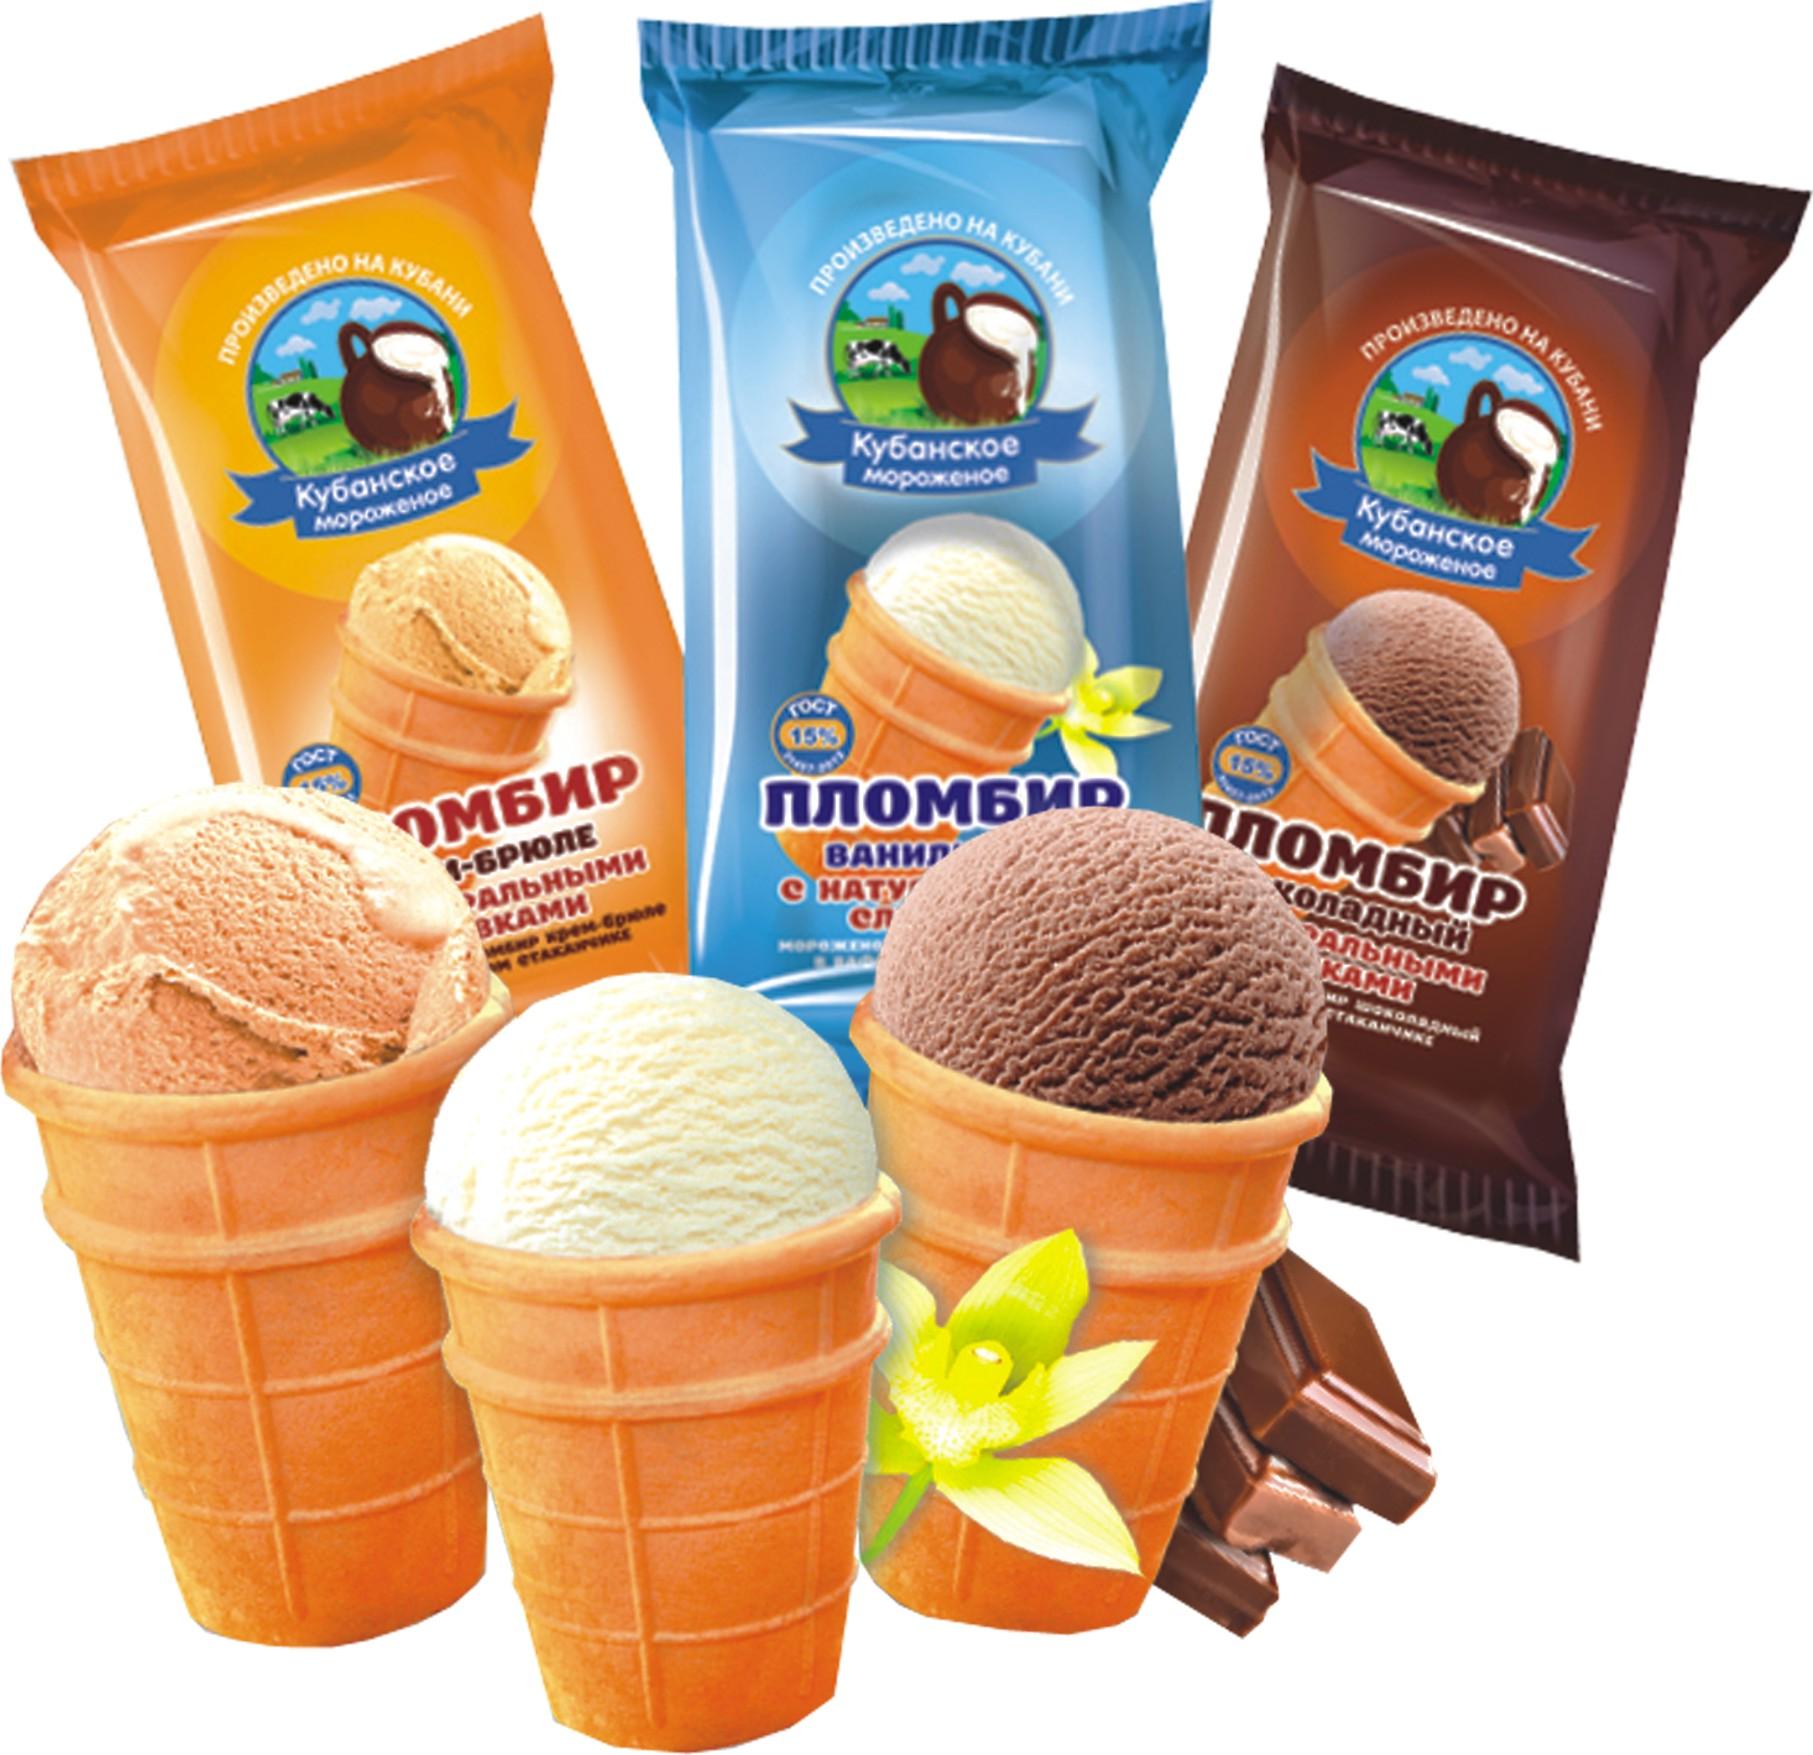 Как сделать мороженое в стаканчике в домашних условиях